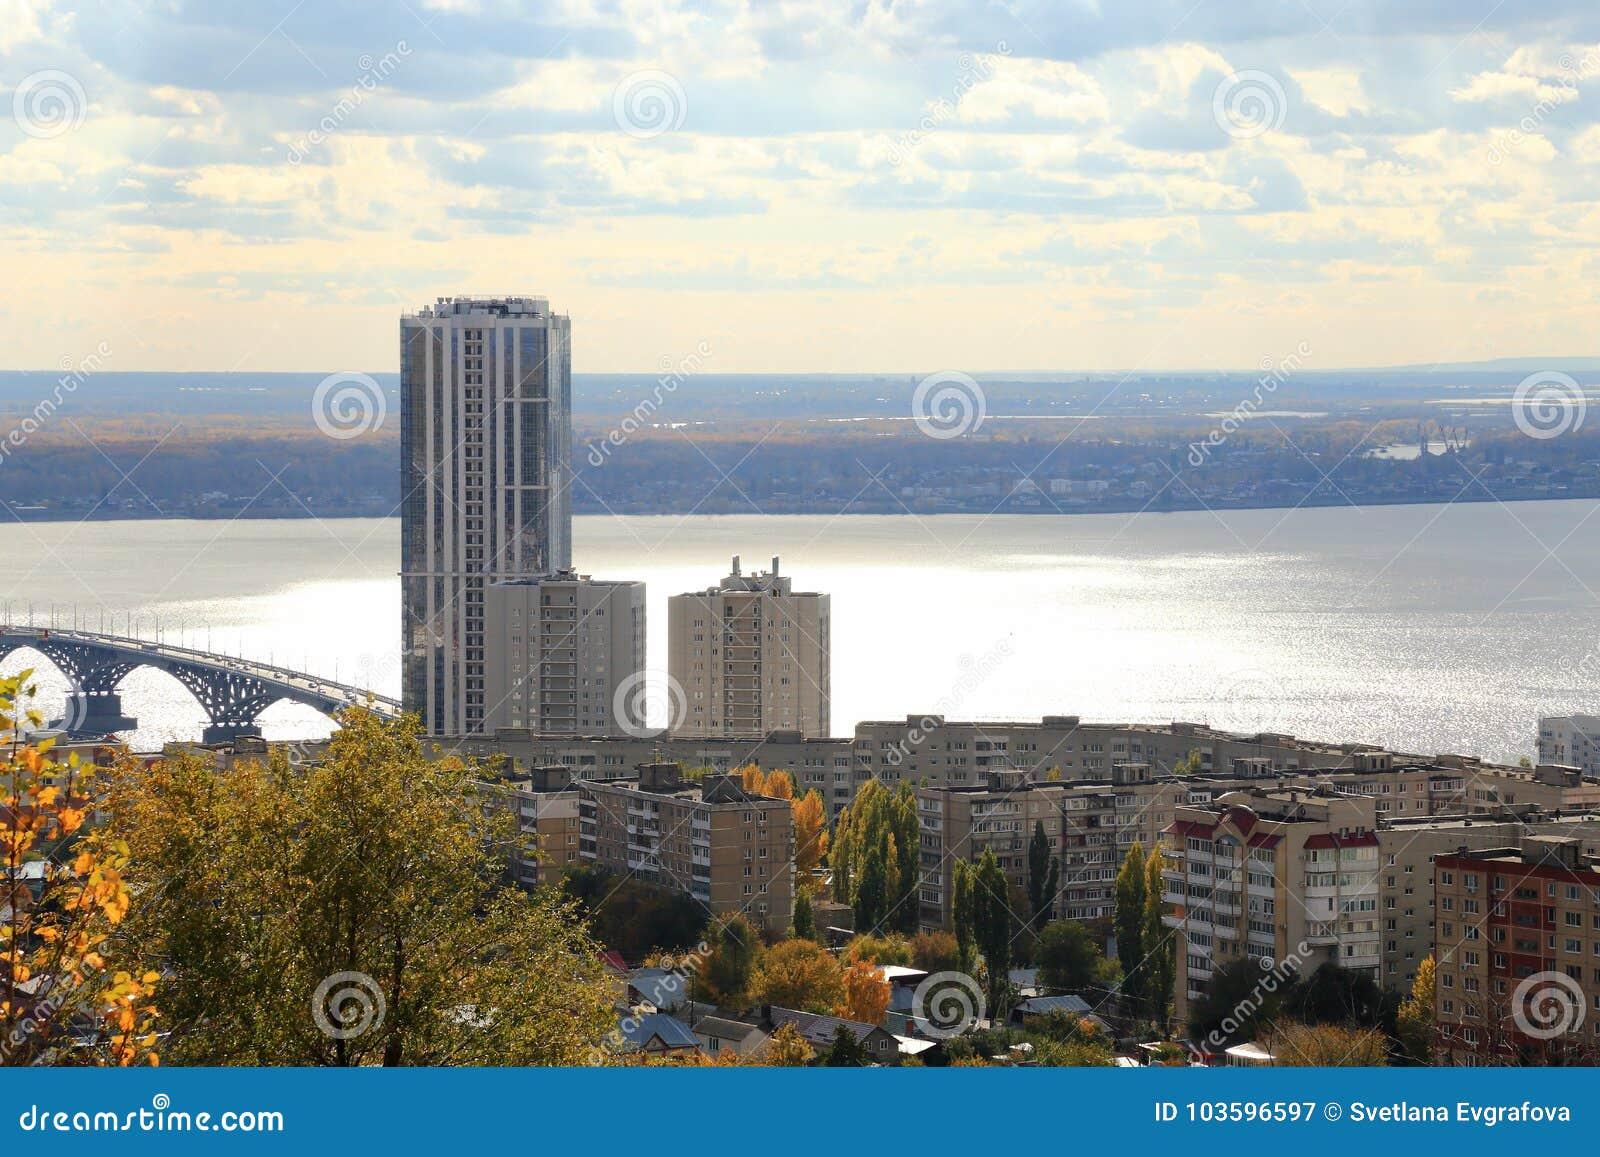 Ciudad de Saratov Puente sobre el Volga, Saratov-Engels, Rusia Visión desde la montaña de Sokolovaya